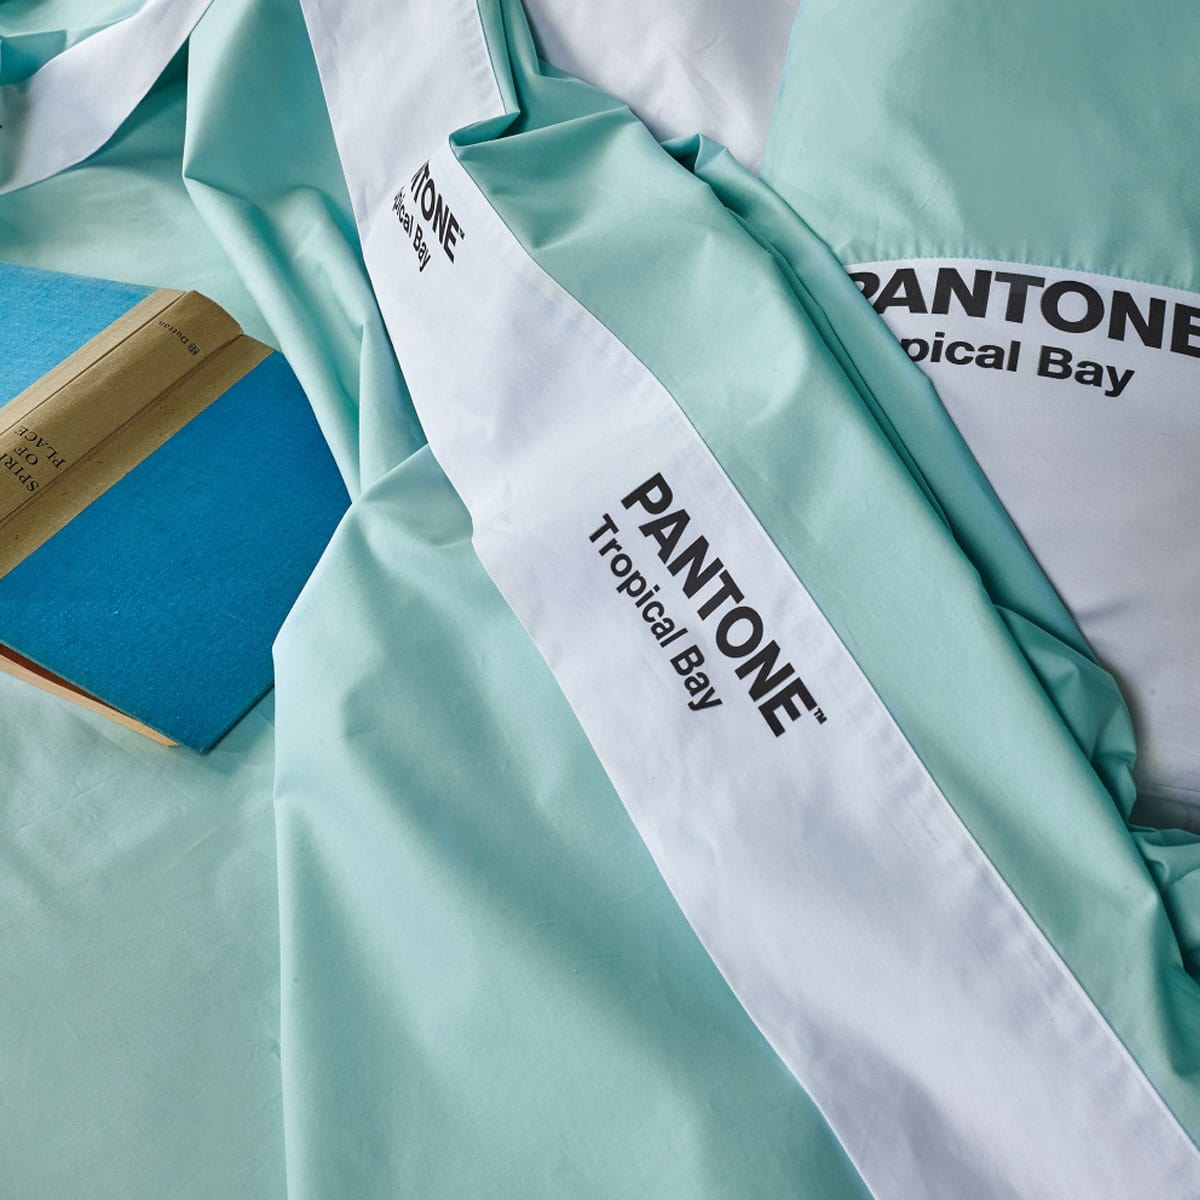 Σεντόνια Σετ 4Τμχ. Pantone 5306 Turquoise Kentia Υπέρδιπλo 240x285cm